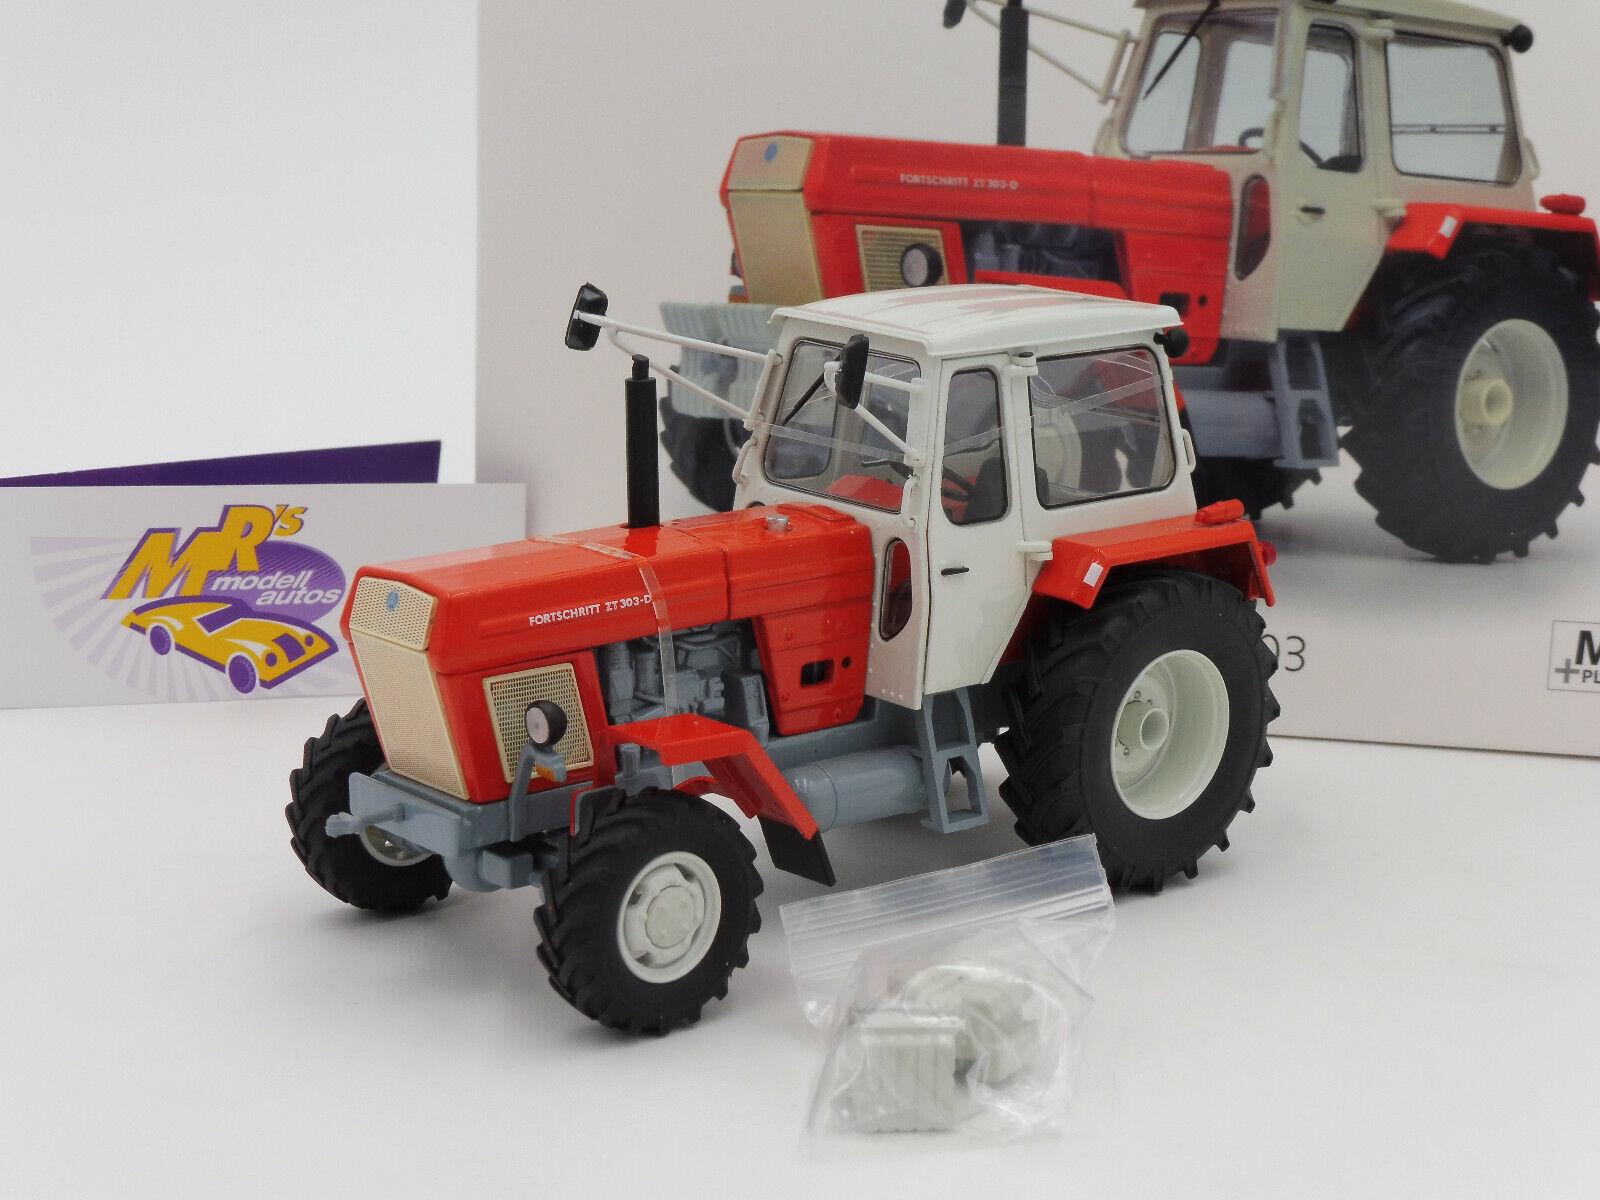 Schuco 07751   Fortschritt ZT 303 Baujahr 1972 in   rot-weiß   1 32 NEUHEIT